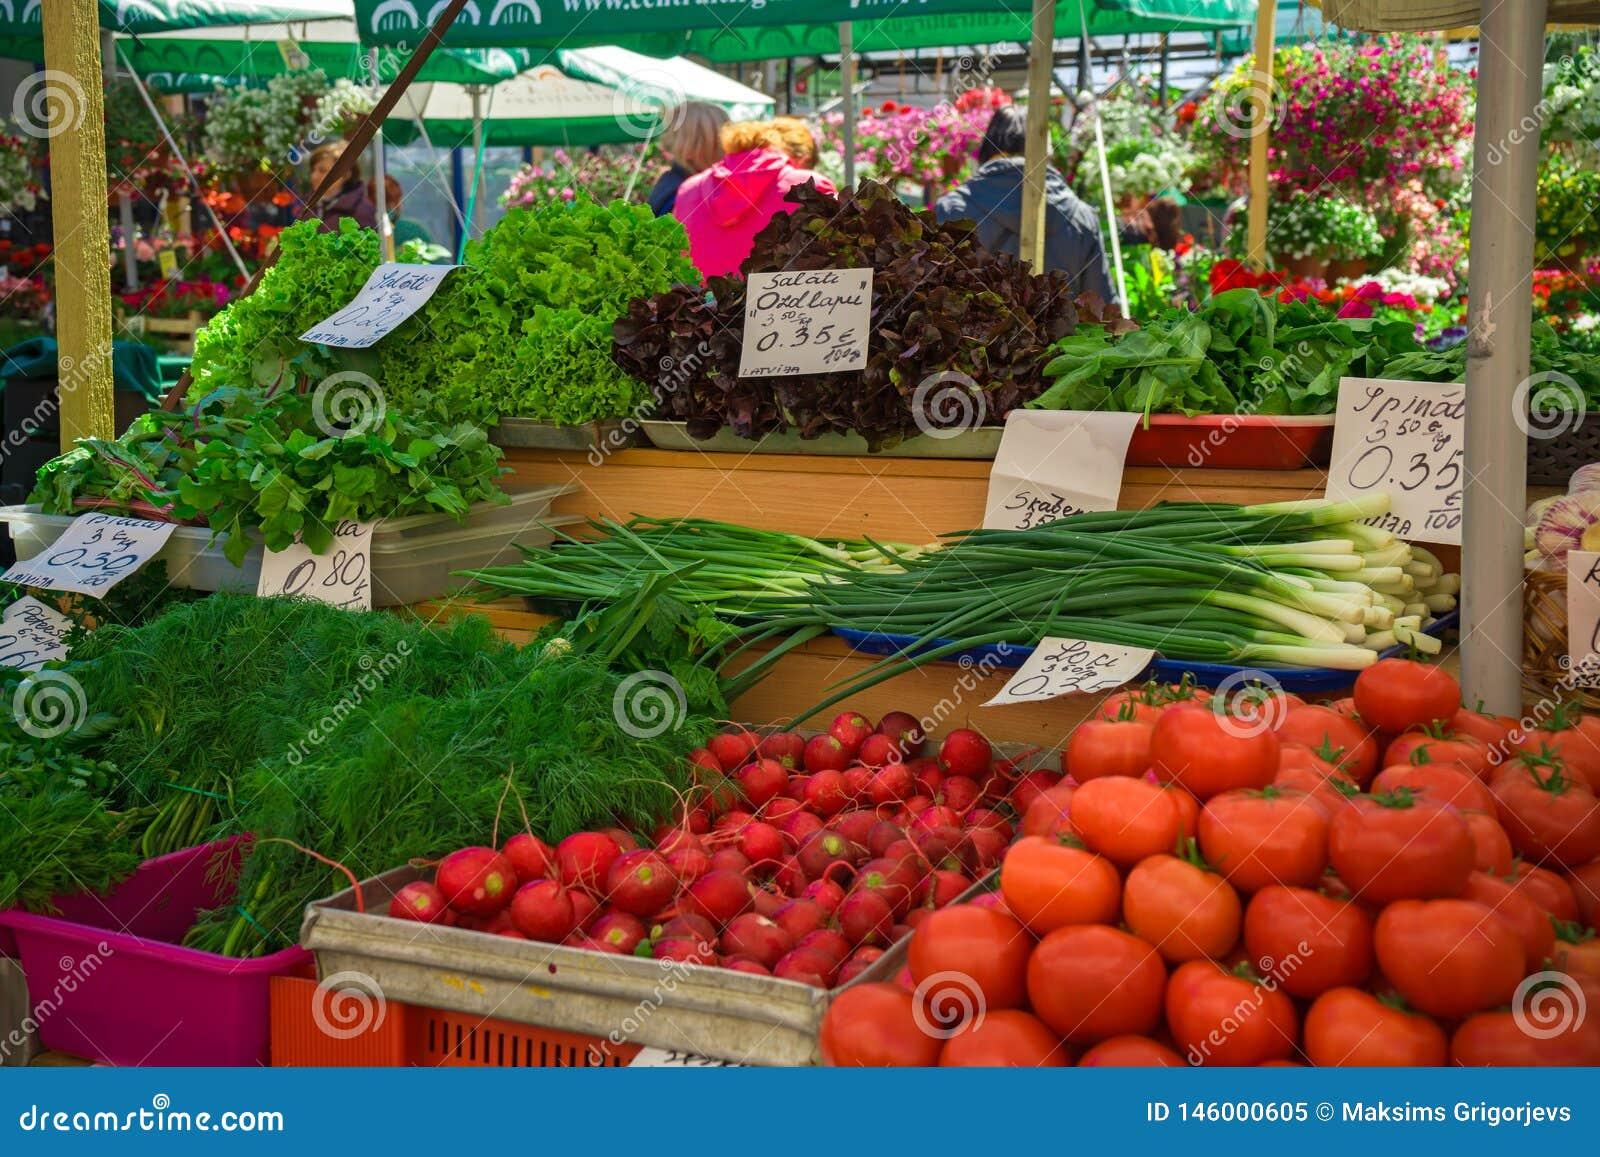 Φρέσκα και οργανικά λαχανικά στην αγορά αγροτών: raddish, ντομάτες, άνηθος, σαλάτα, πράσινα onoins, μαρούλι, sorrel στις ετικέτες